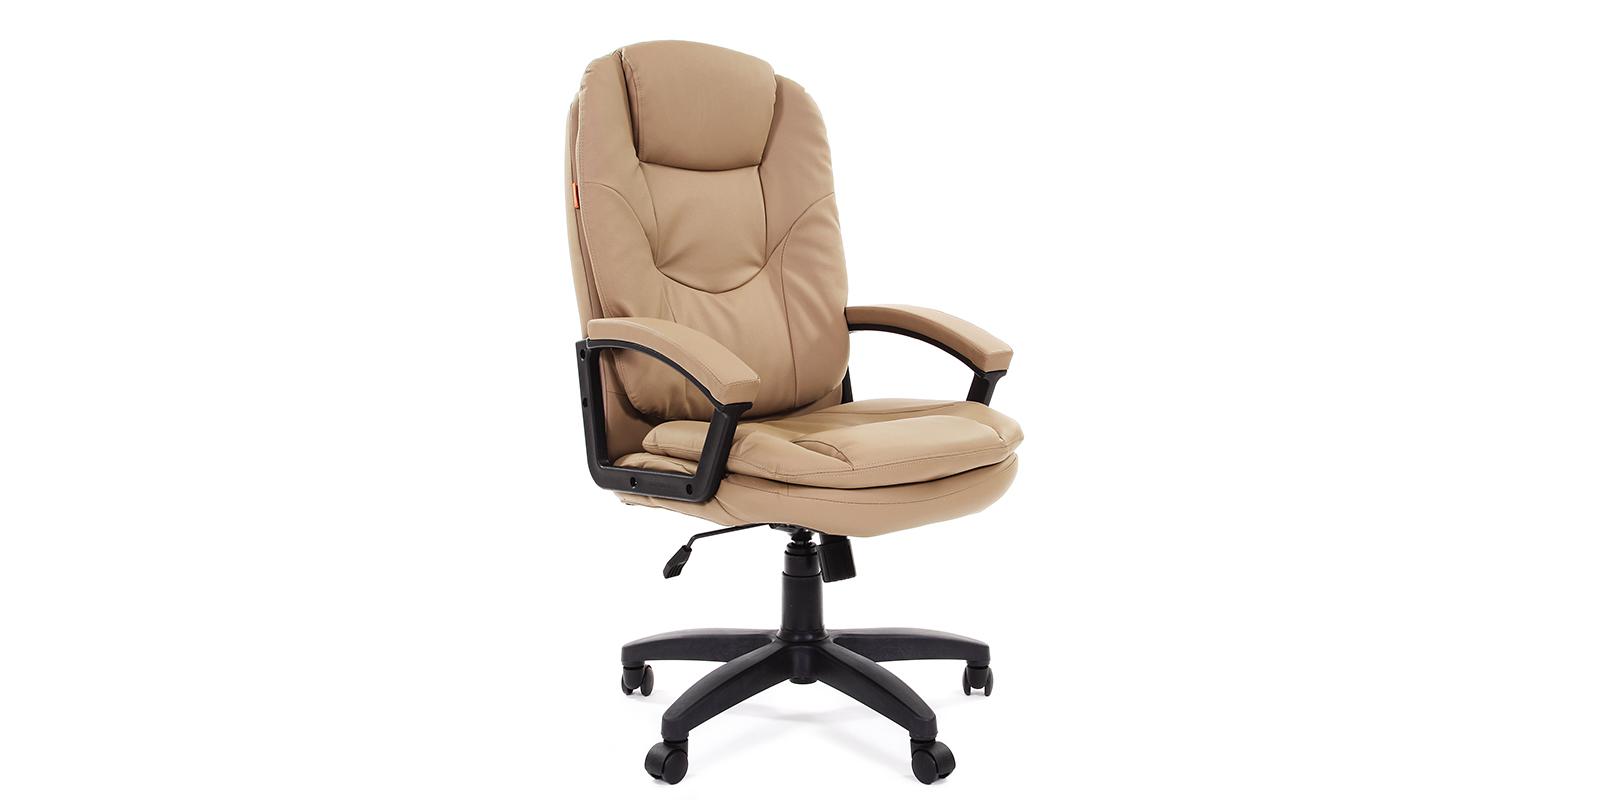 Кресло для руководителя Chairman 668 вариант №2 (бежевый)